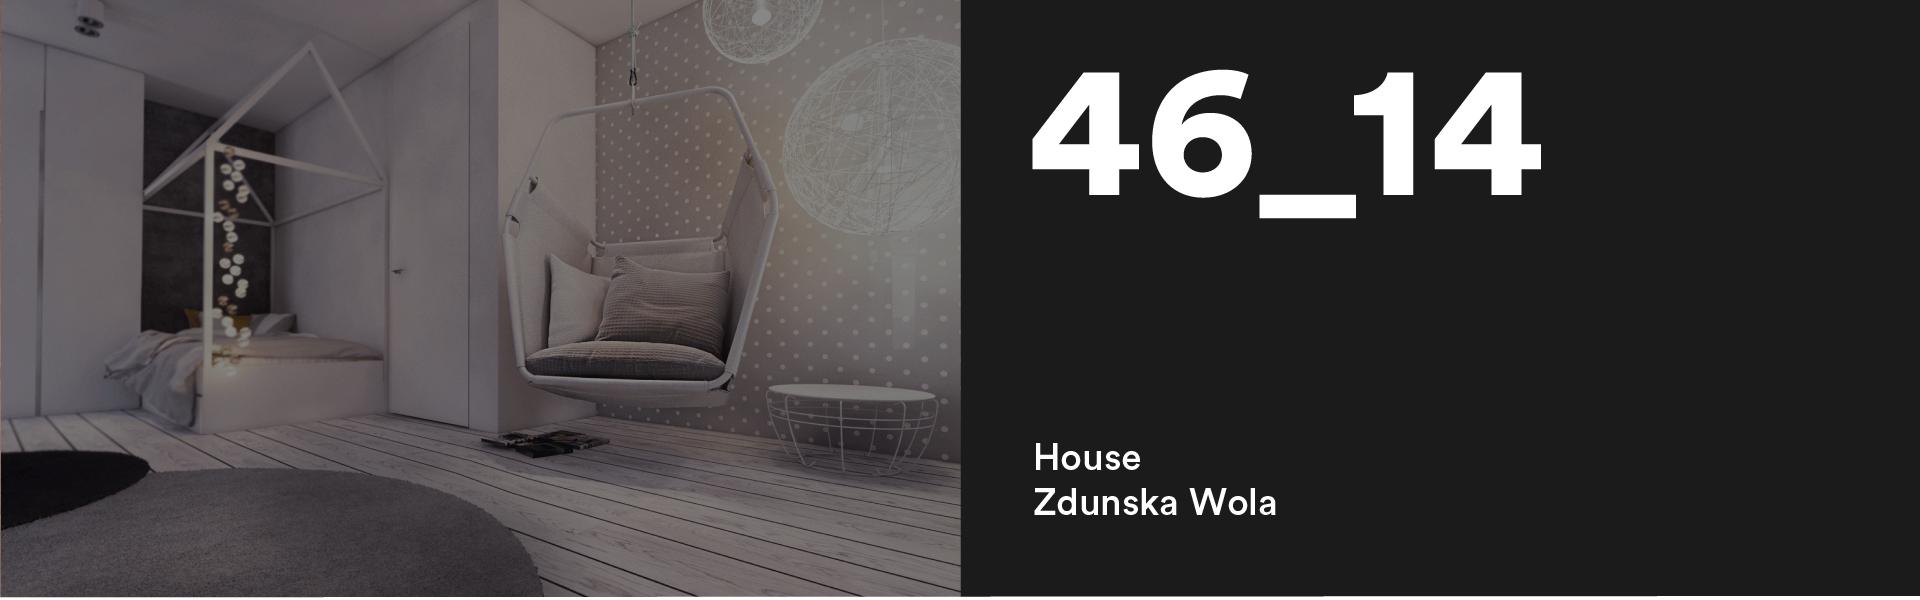 46_14 House Zdunska Wola